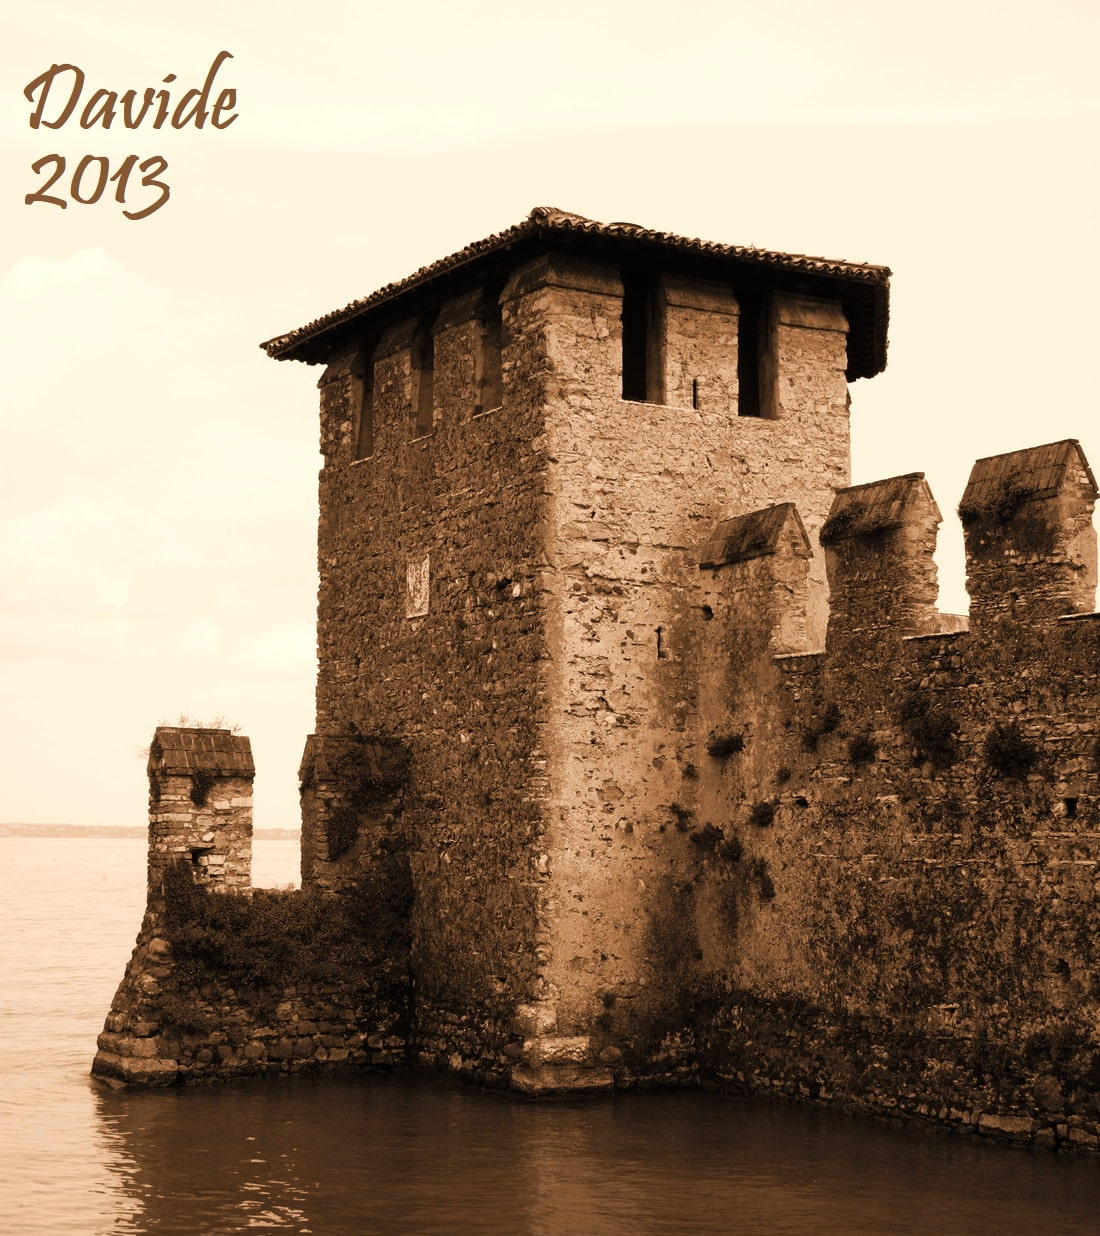 Sirmione (Brescia, Lombardia – Lago di Garda, Italia). Castello Scaligero: torre Sud-Est della darsena affacciata sul Lago Benaco. Davide Tansini. 2013. Fotografia digitale